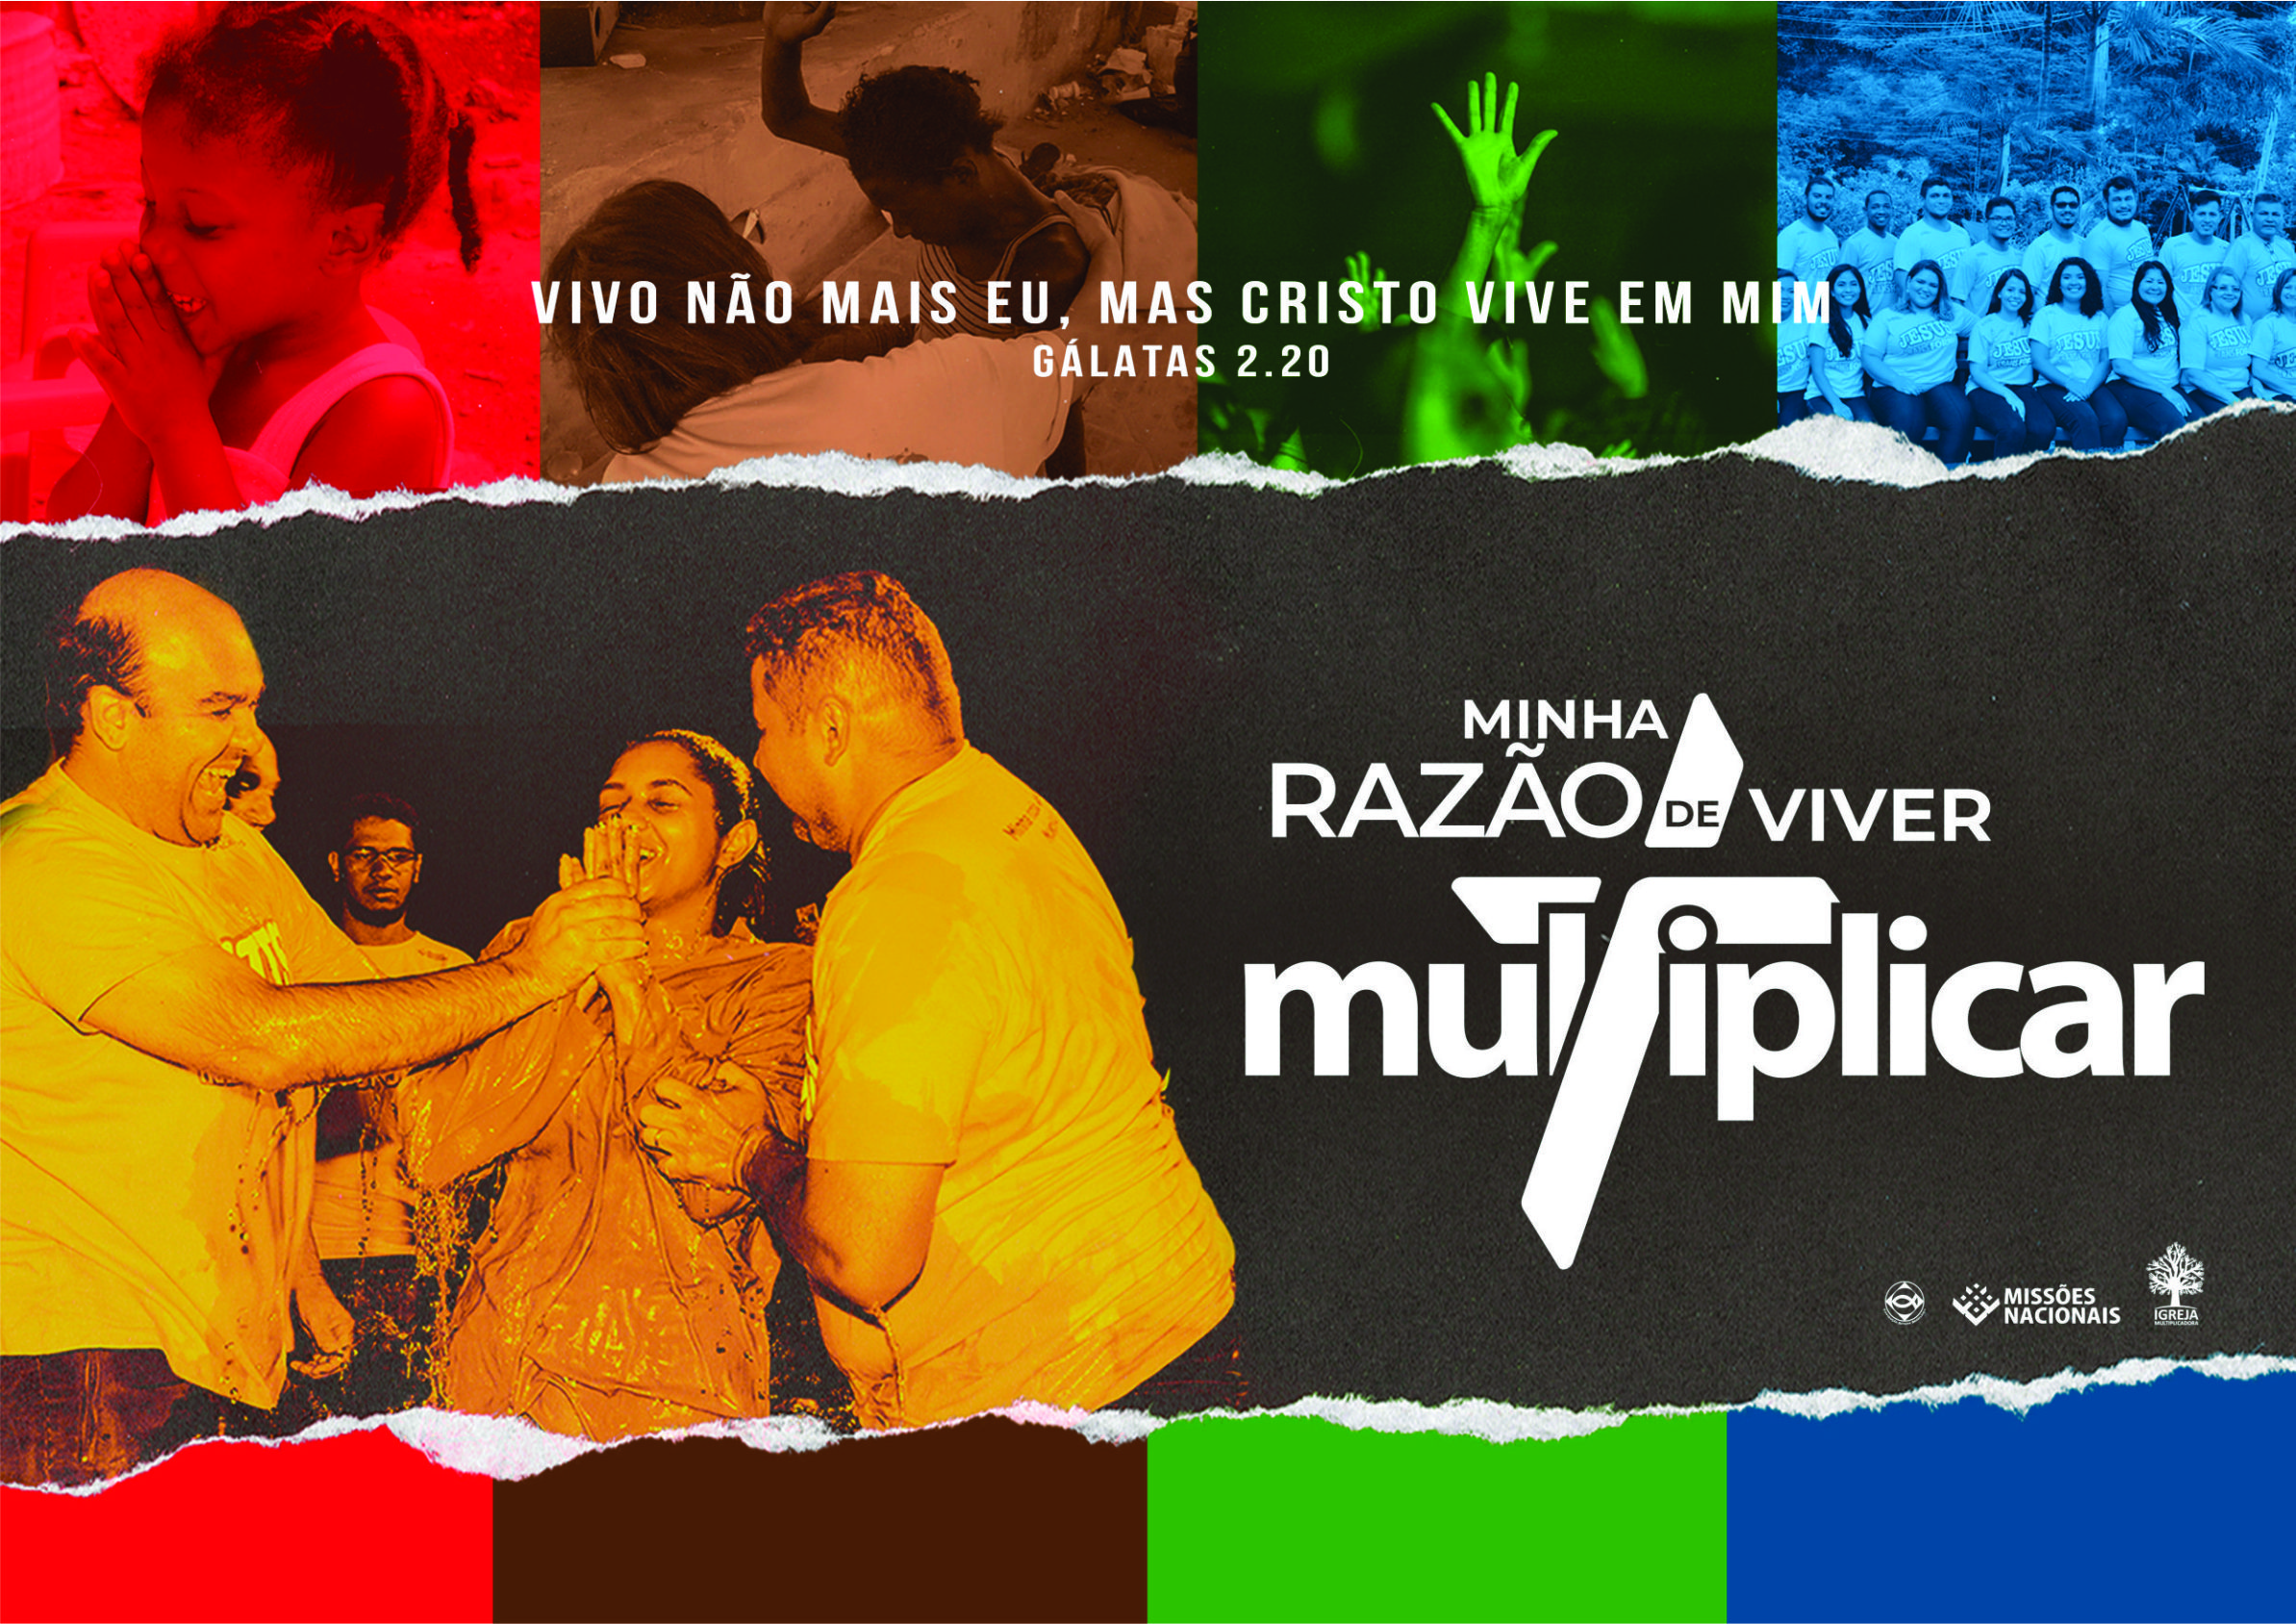 Missões Nacionais 2019 - Minha Razão de Viver: Multiplicar